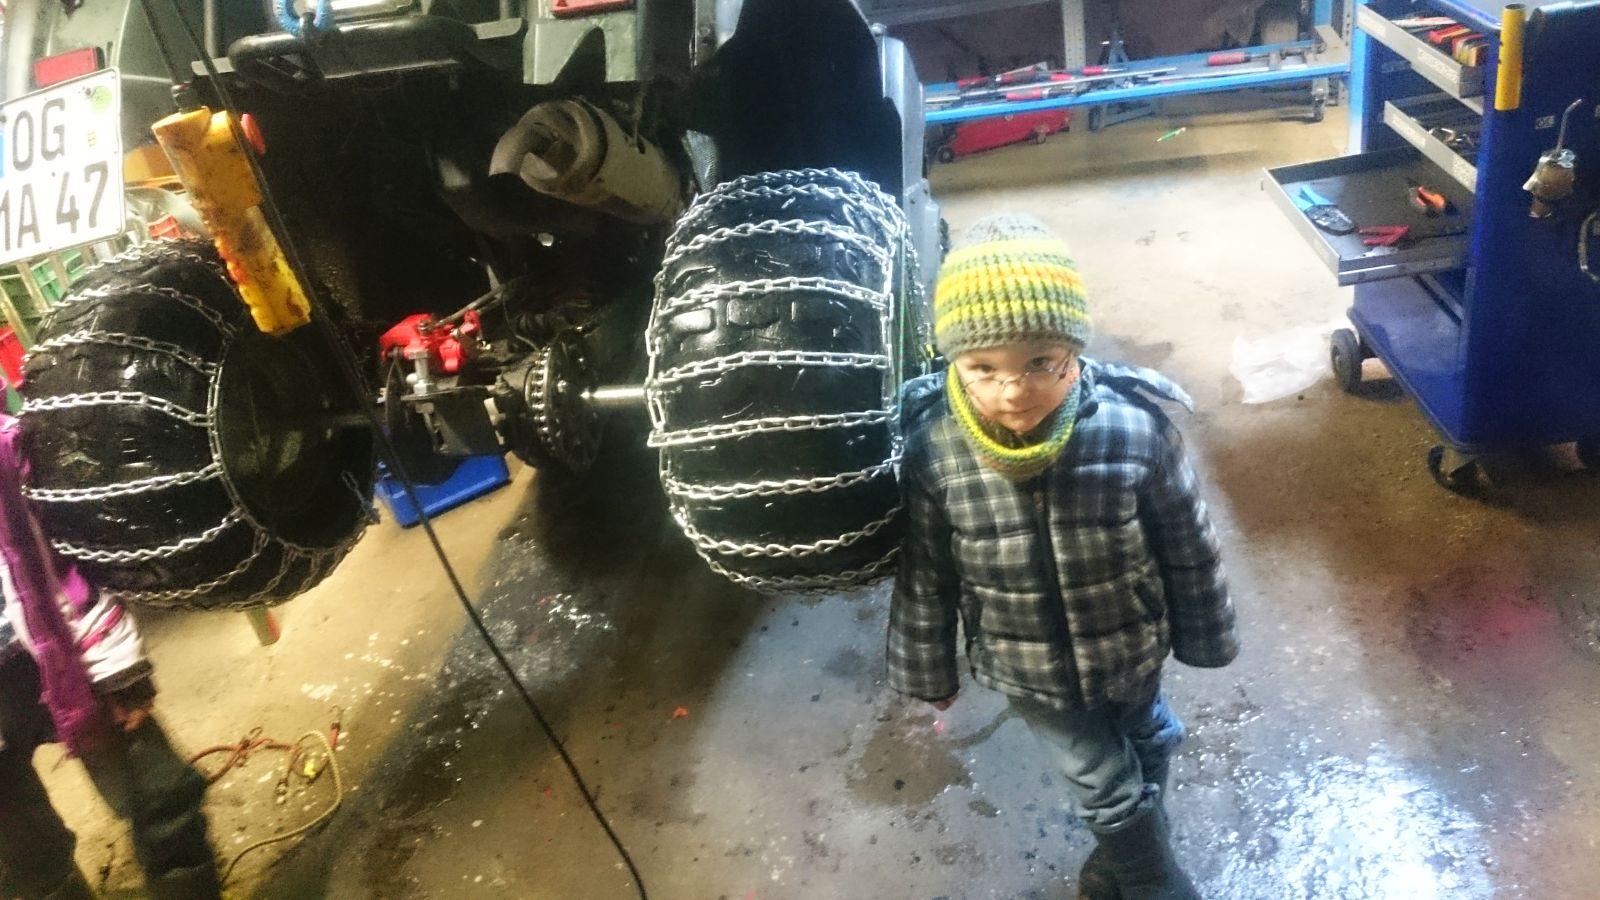 Es soll heftig schneien wir sind bereit